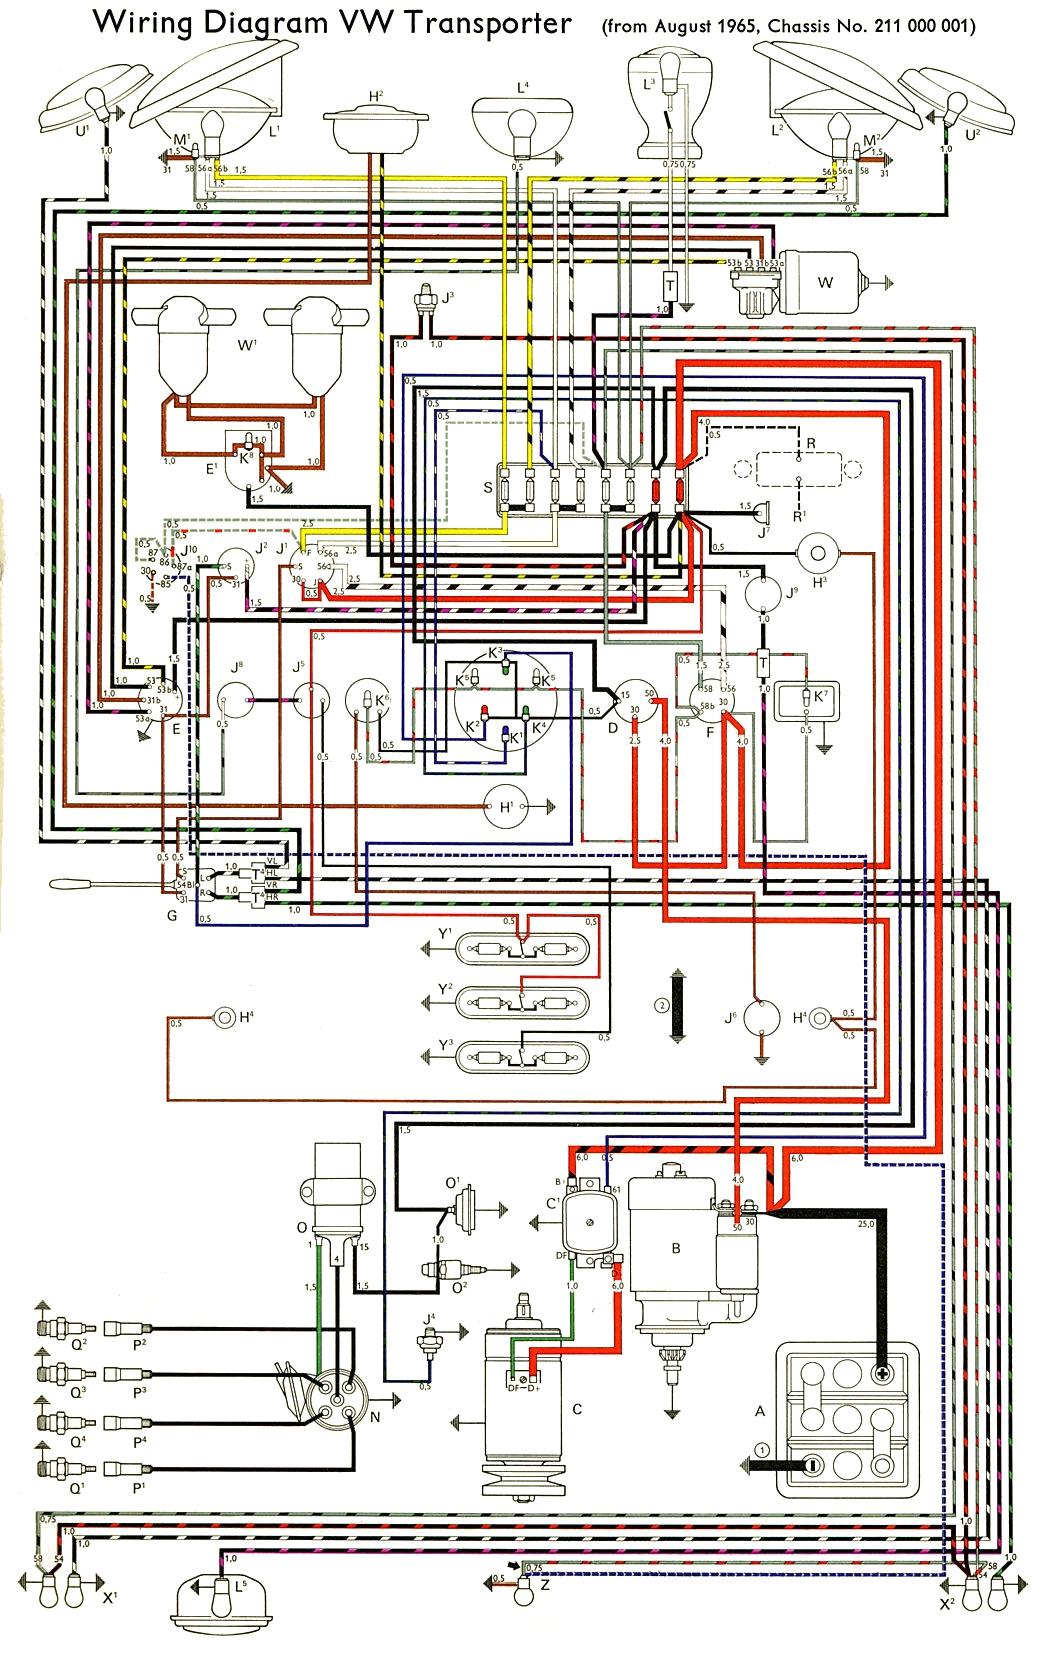 Vw Motor Wiring | Wiring Library - 4 Prong Trolling Motor Plug Wiring Diagram